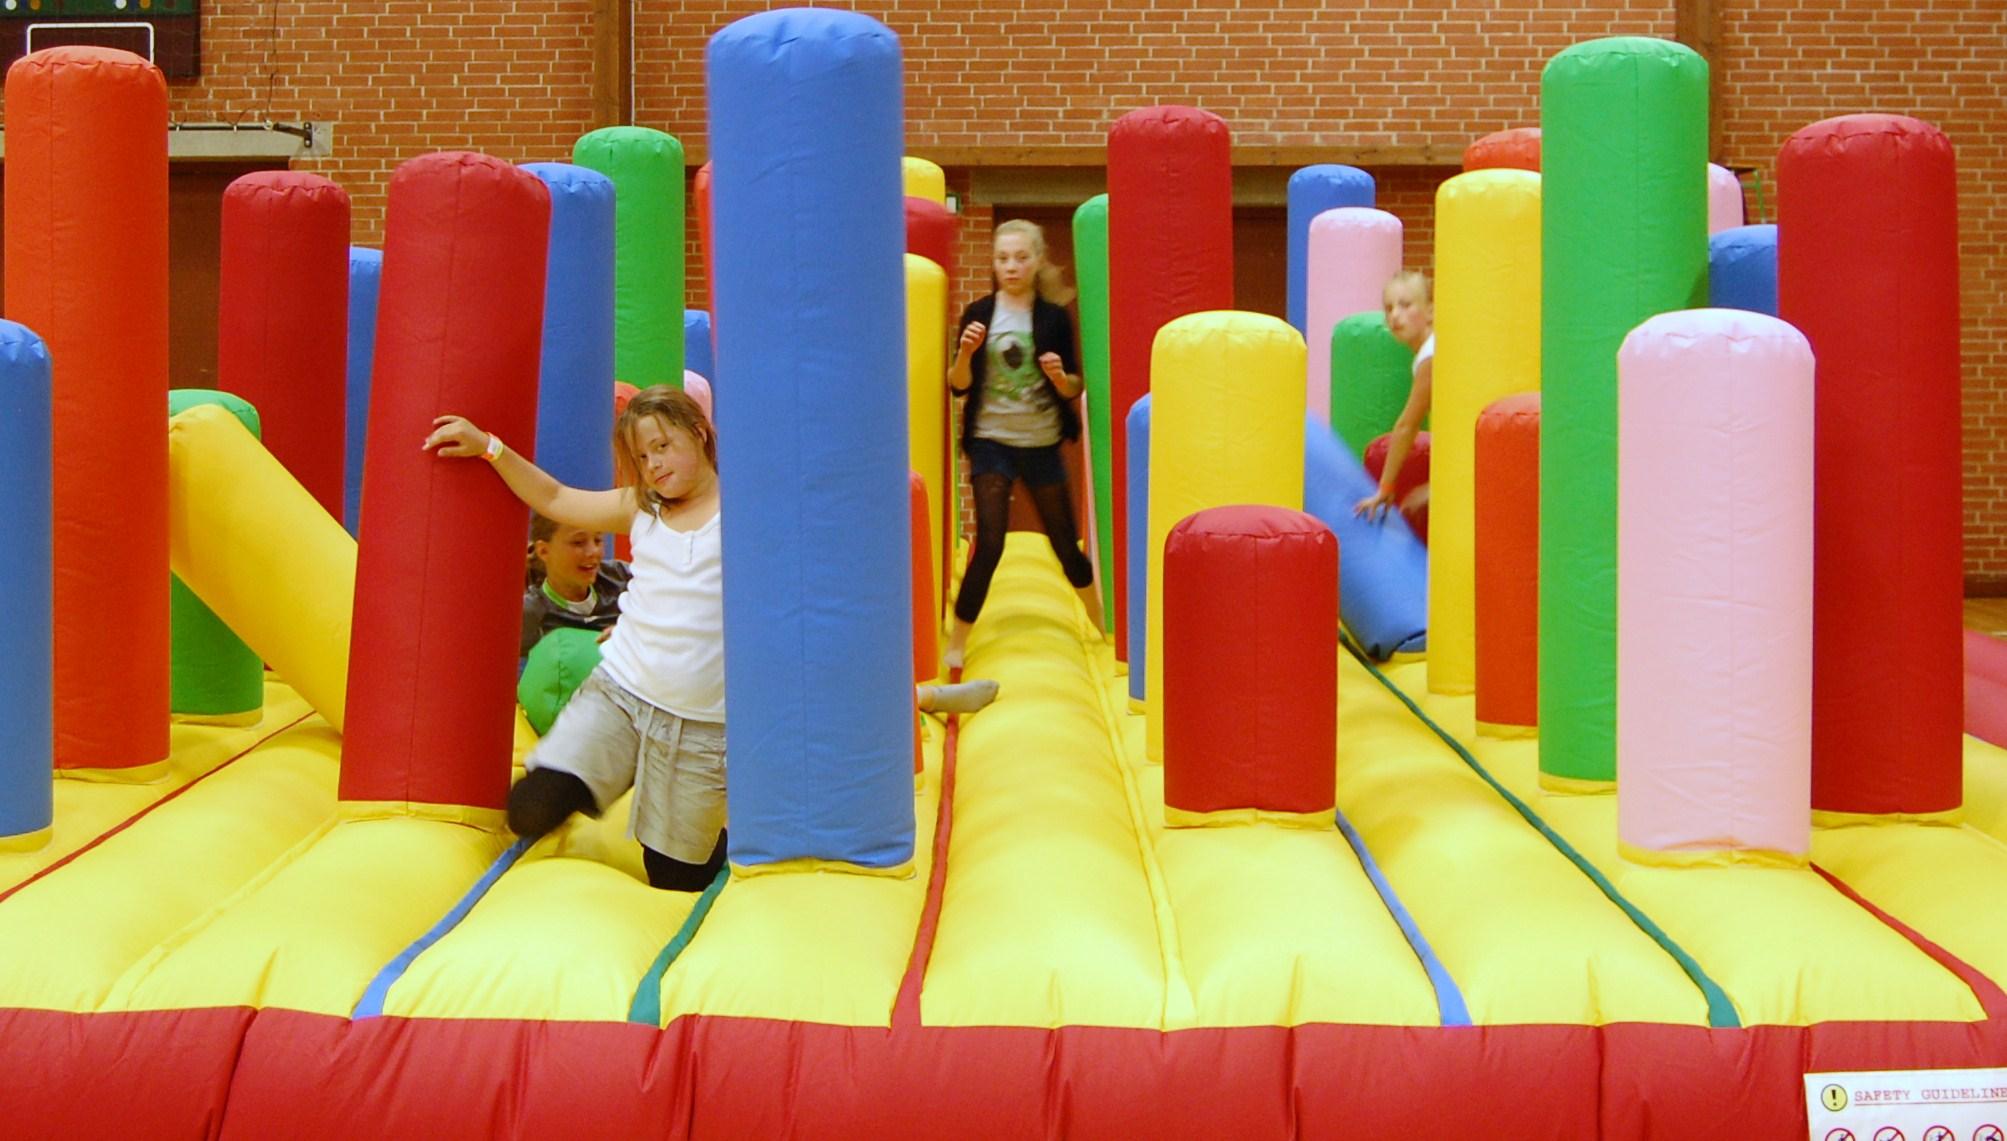 legeland jump a lot biffenbaffen.JPG